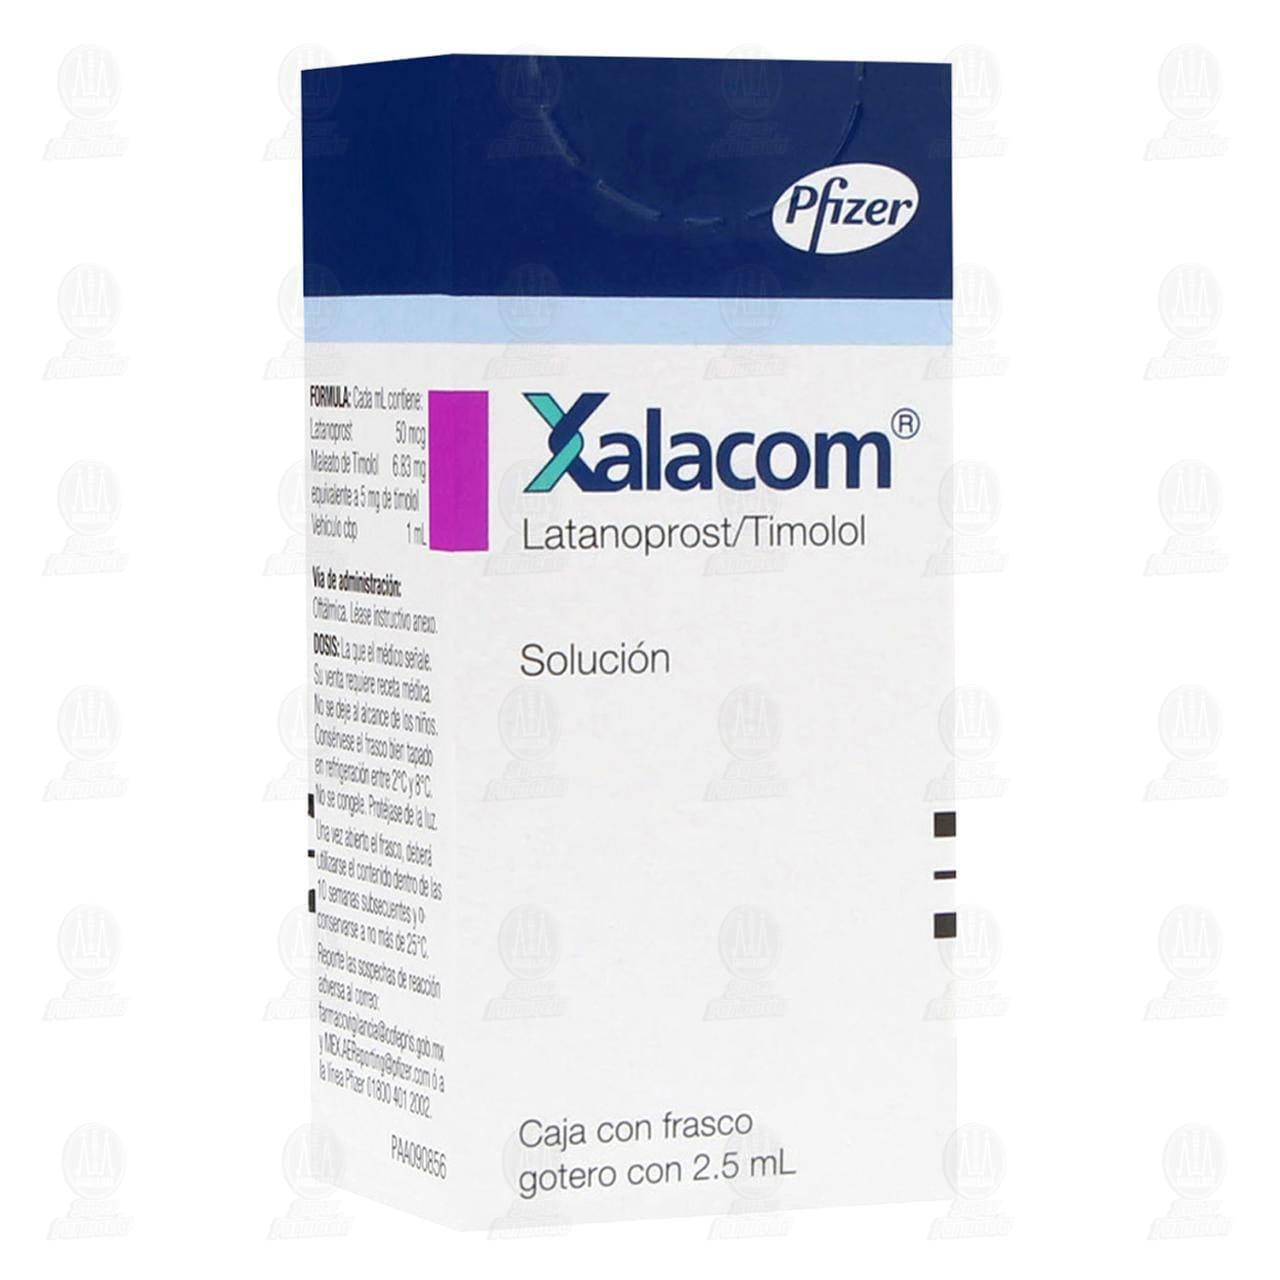 comprar https://www.movil.farmaciasguadalajara.com/wcsstore/FGCAS/wcs/products/919675_A_1280_AL.jpg en farmacias guadalajara